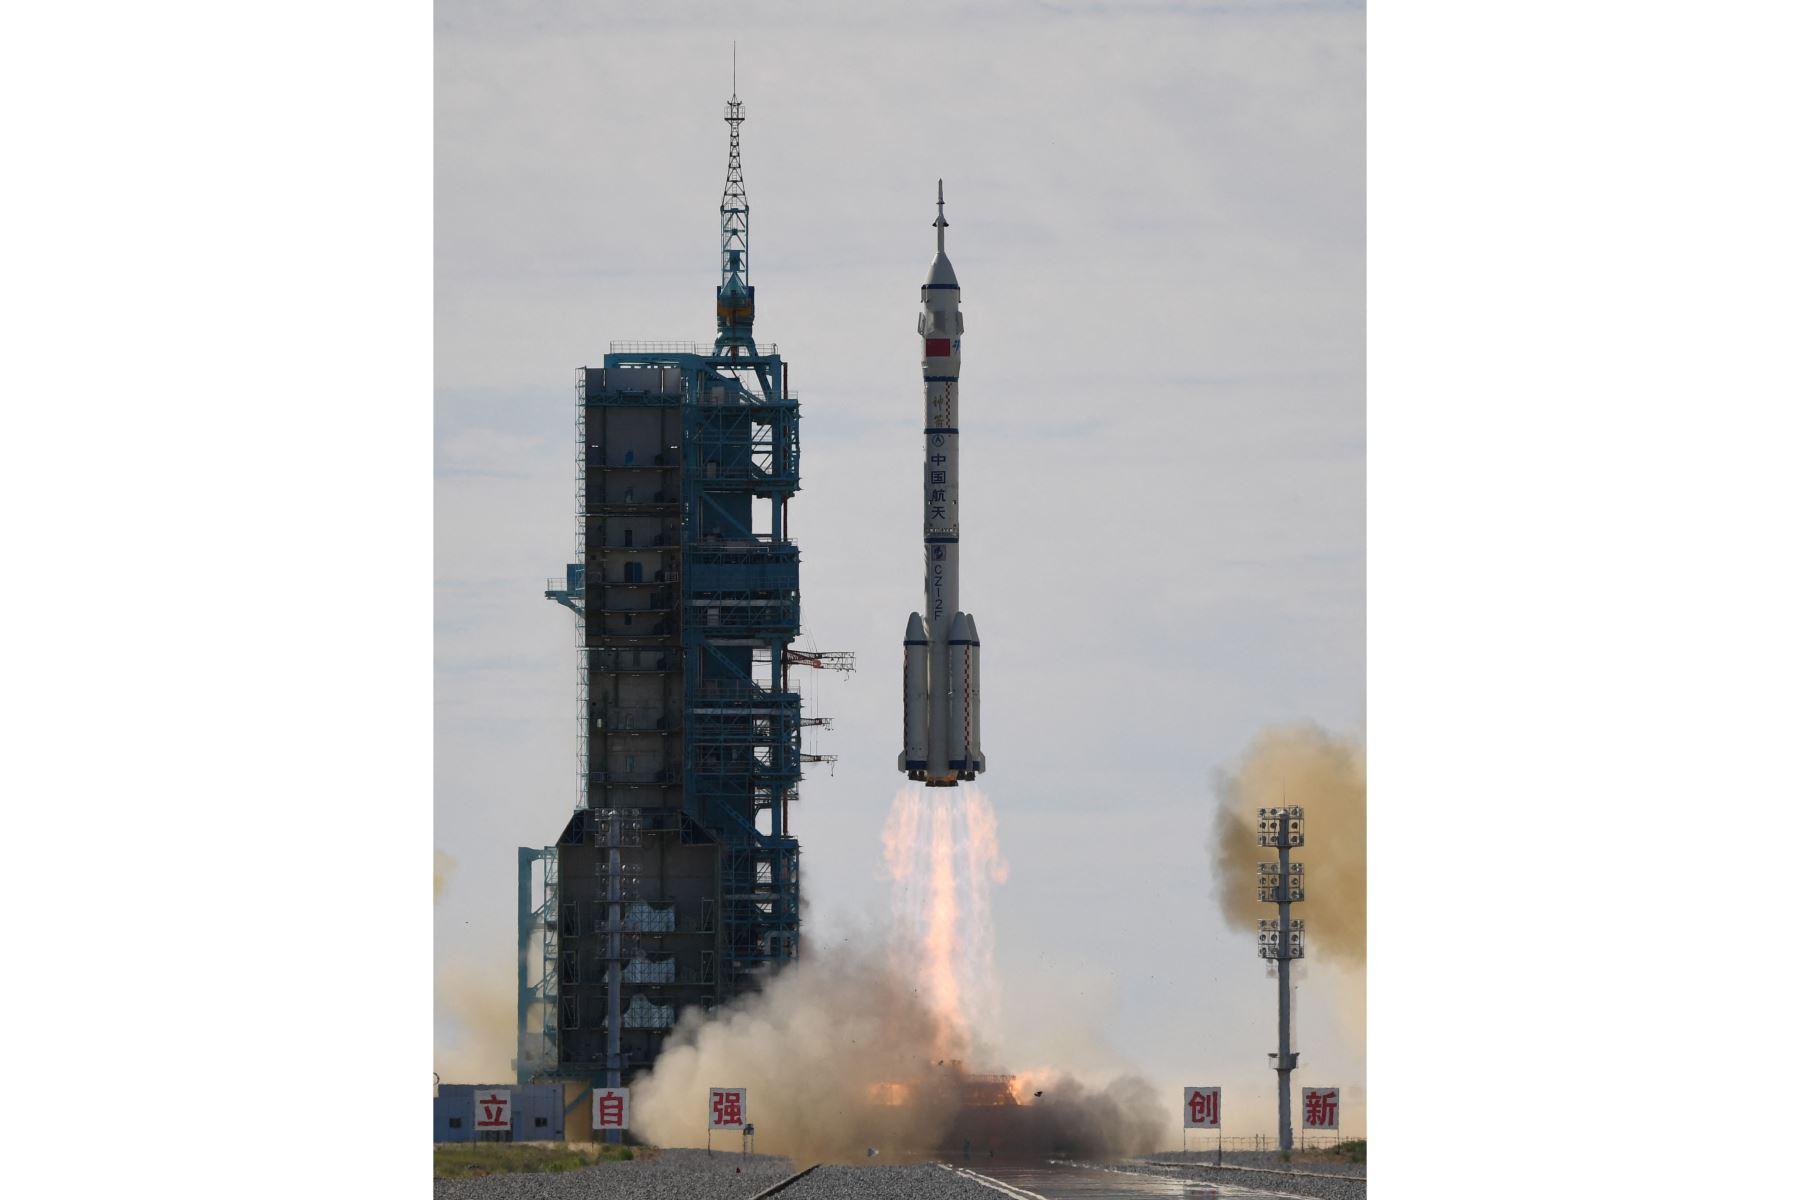 Un cohete portador Long March-2F, que transporta la nave espacial Shenzhou-12 y una tripulación de tres astronautas, despega del Centro de Lanzamiento de Satélites Jiuquan en el desierto de Gobi en el noroeste de China. Foto: AFP